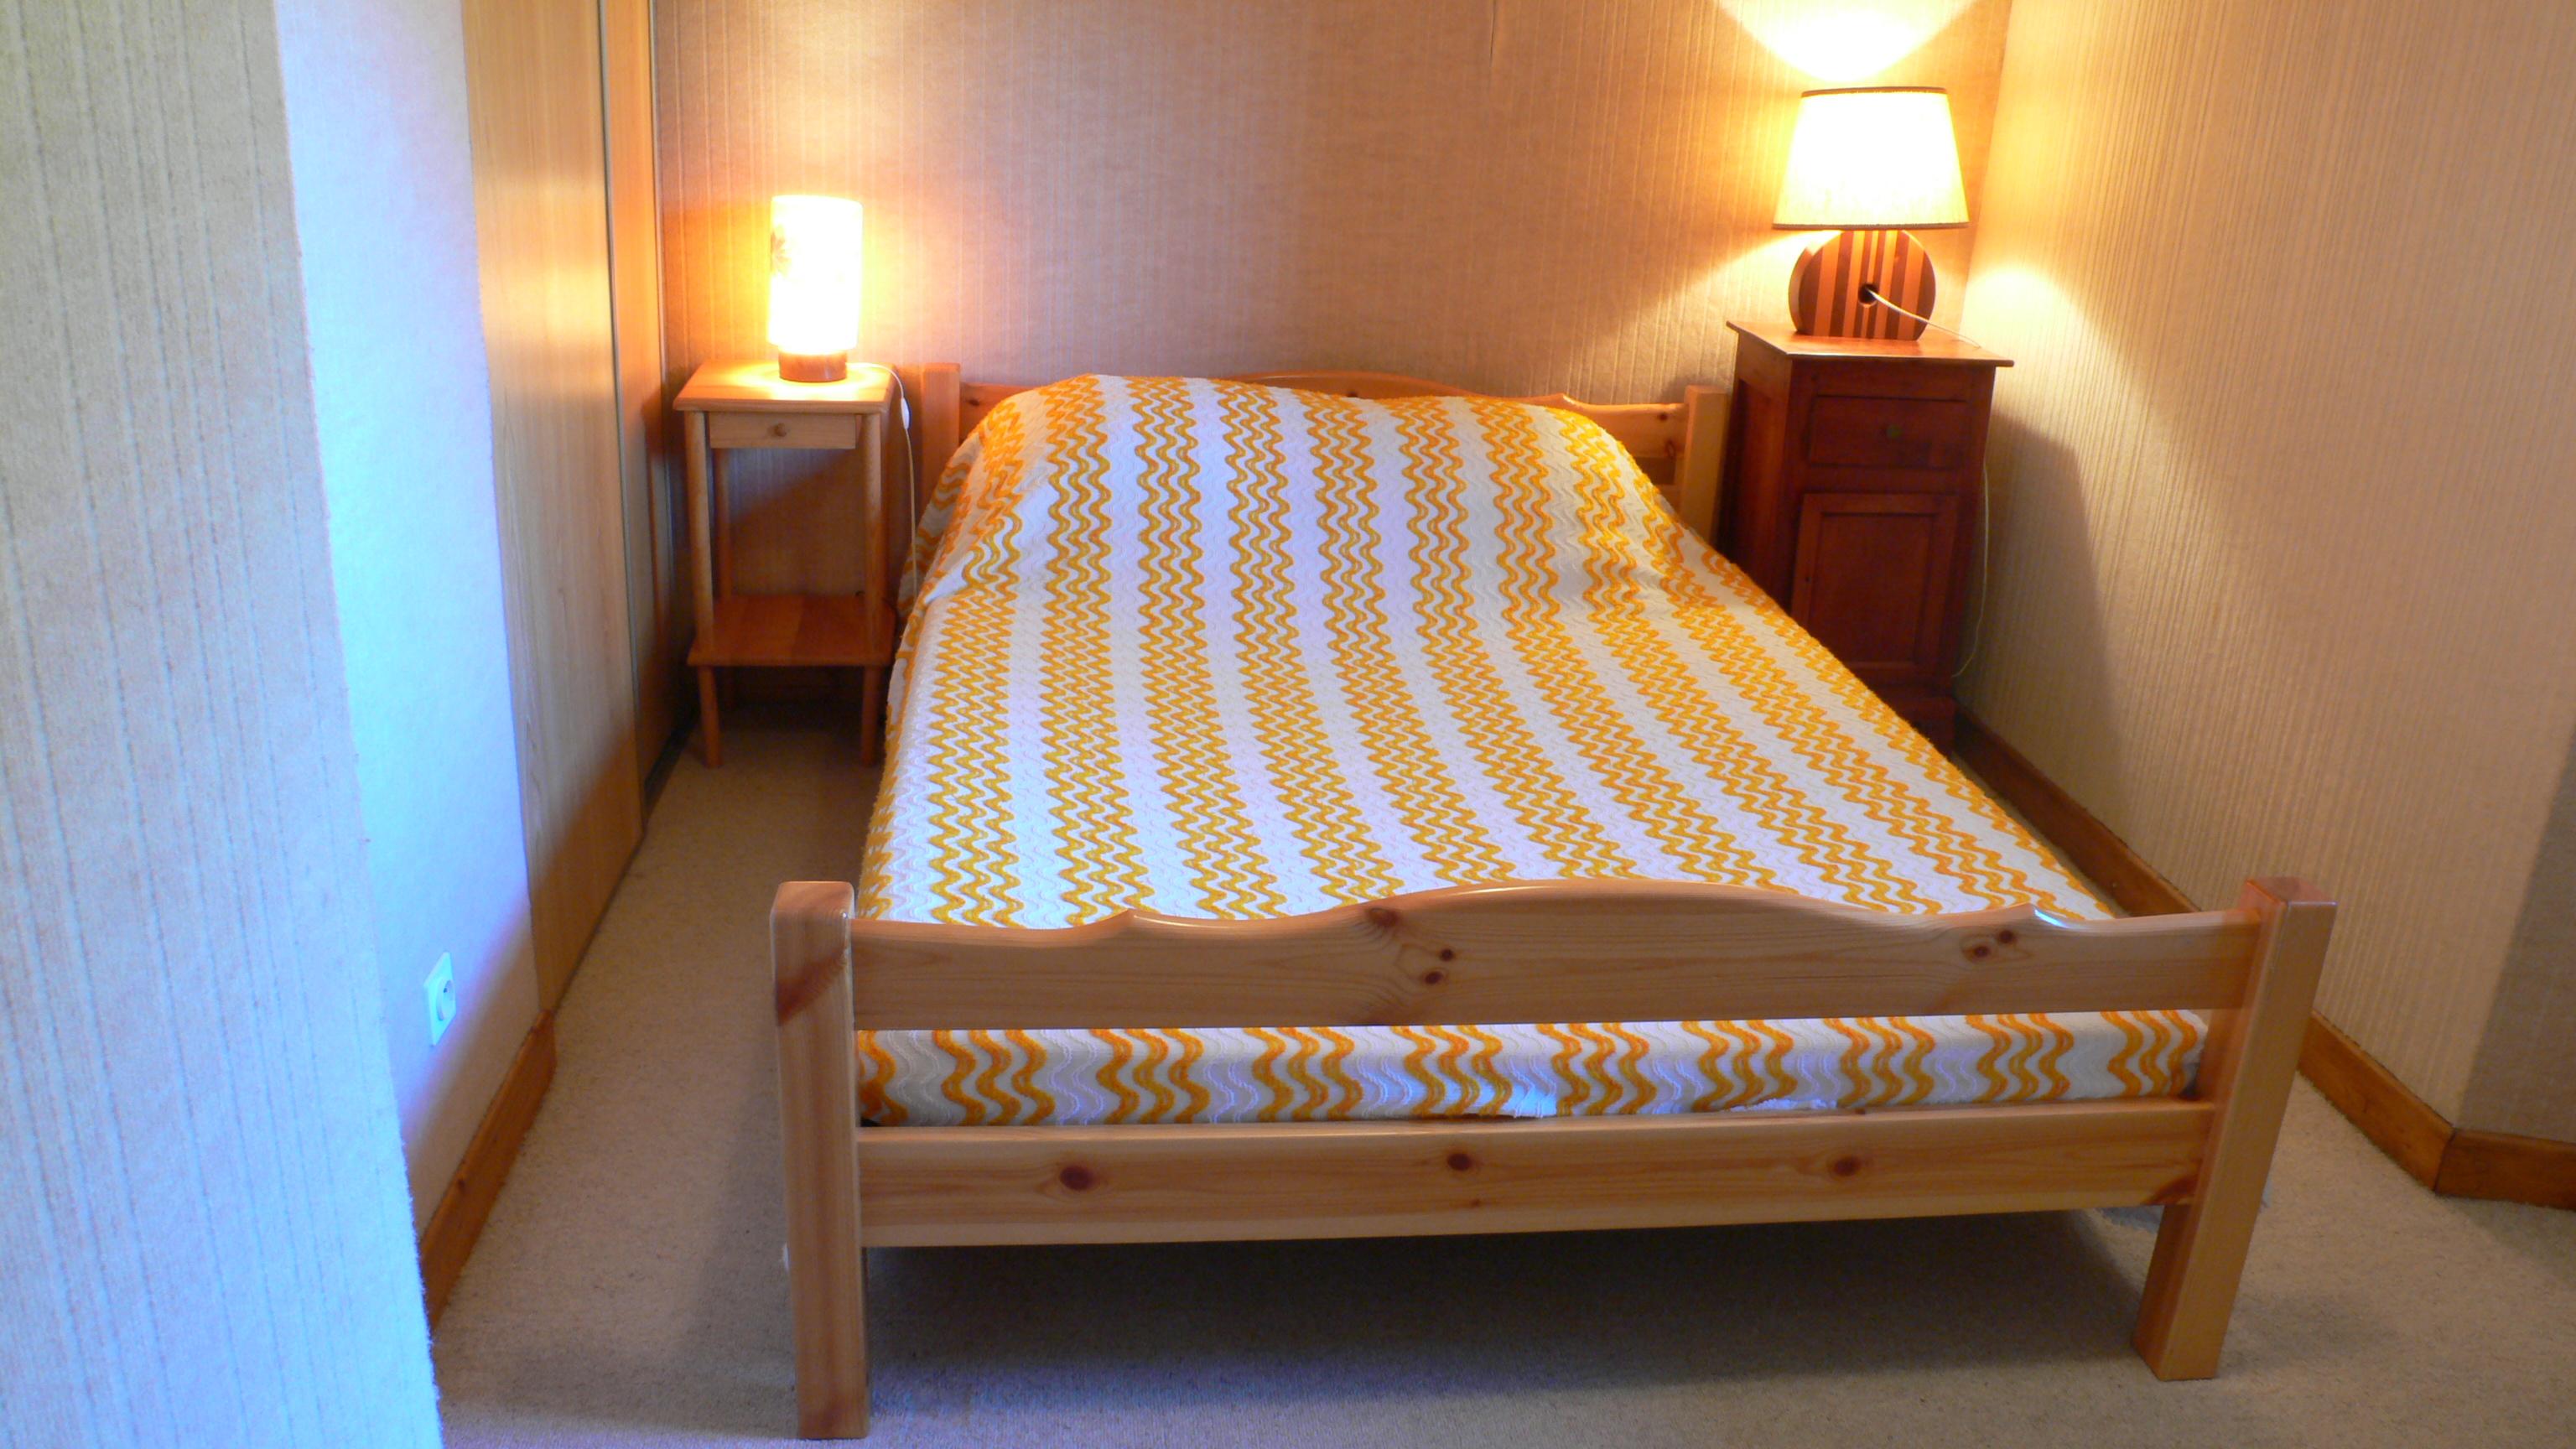 Appartement seythenex lac d 39 annecy g te de la belle for Chambre de recours